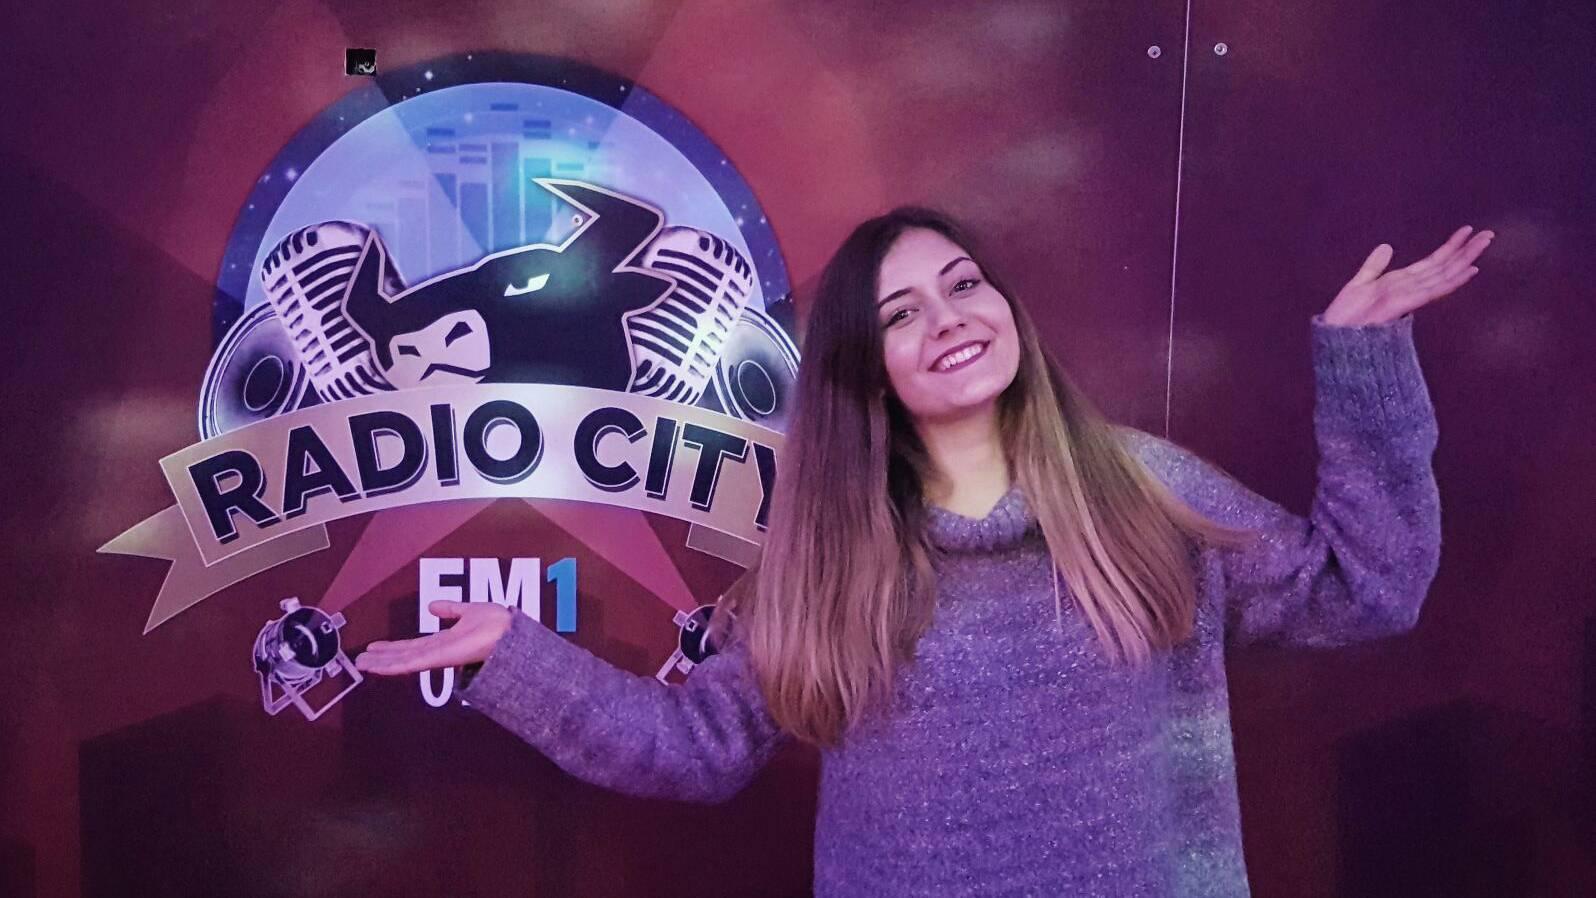 Das setzt zu: Vielfach landete Celia Rogg in der Radio City.